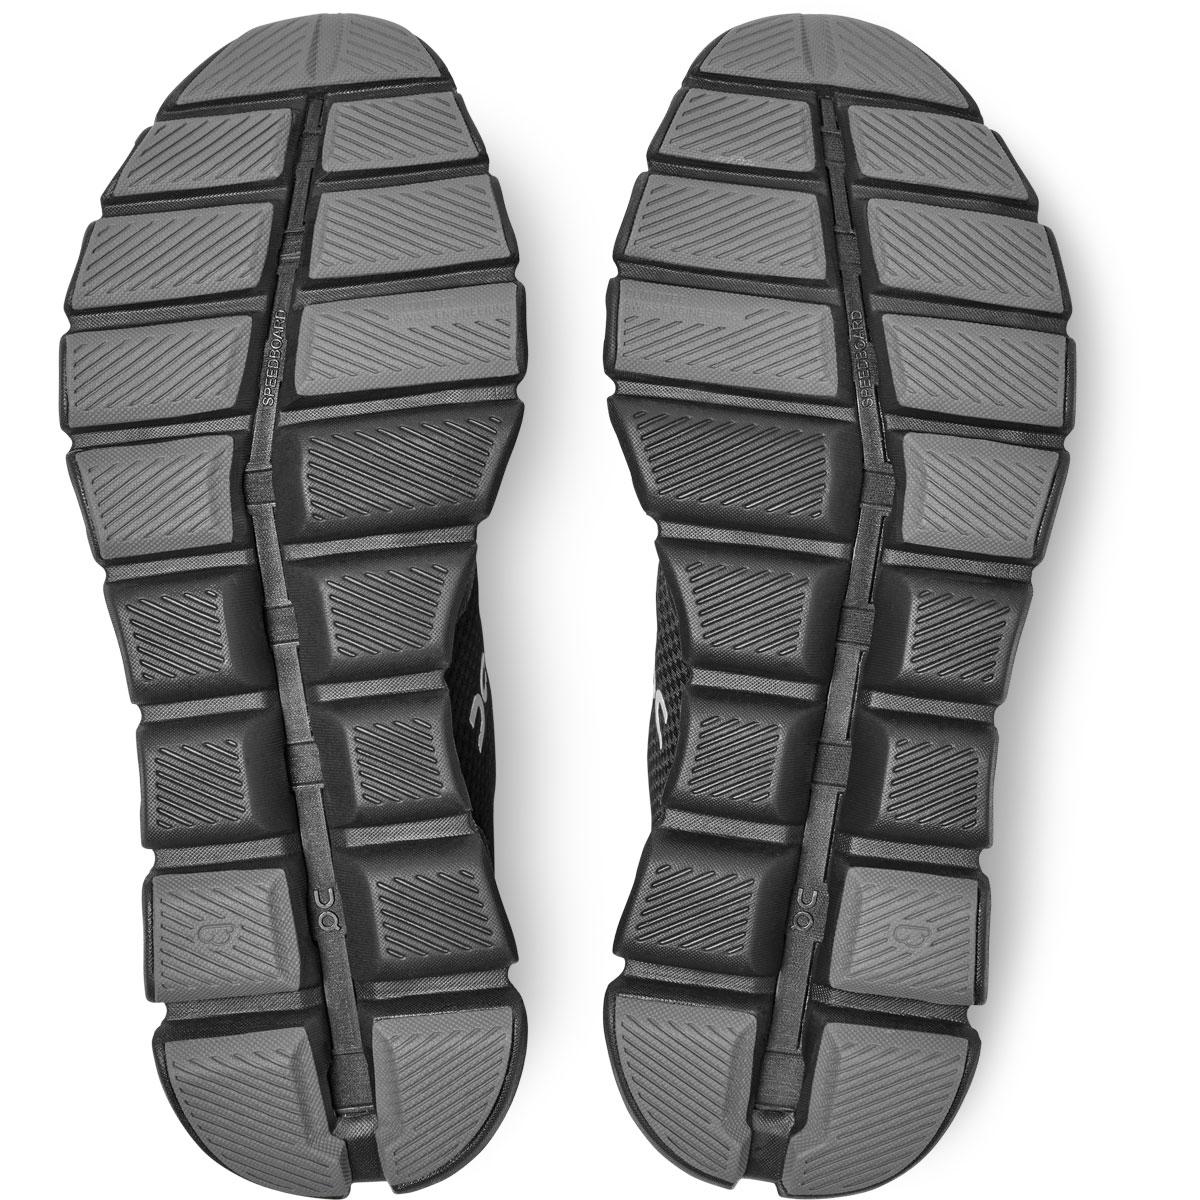 Men's On Cloud X 2.0 Running Shoe - Color: Black/Asphalt - Size: 7 - Width: Regular, Black/Asphalt, large, image 6